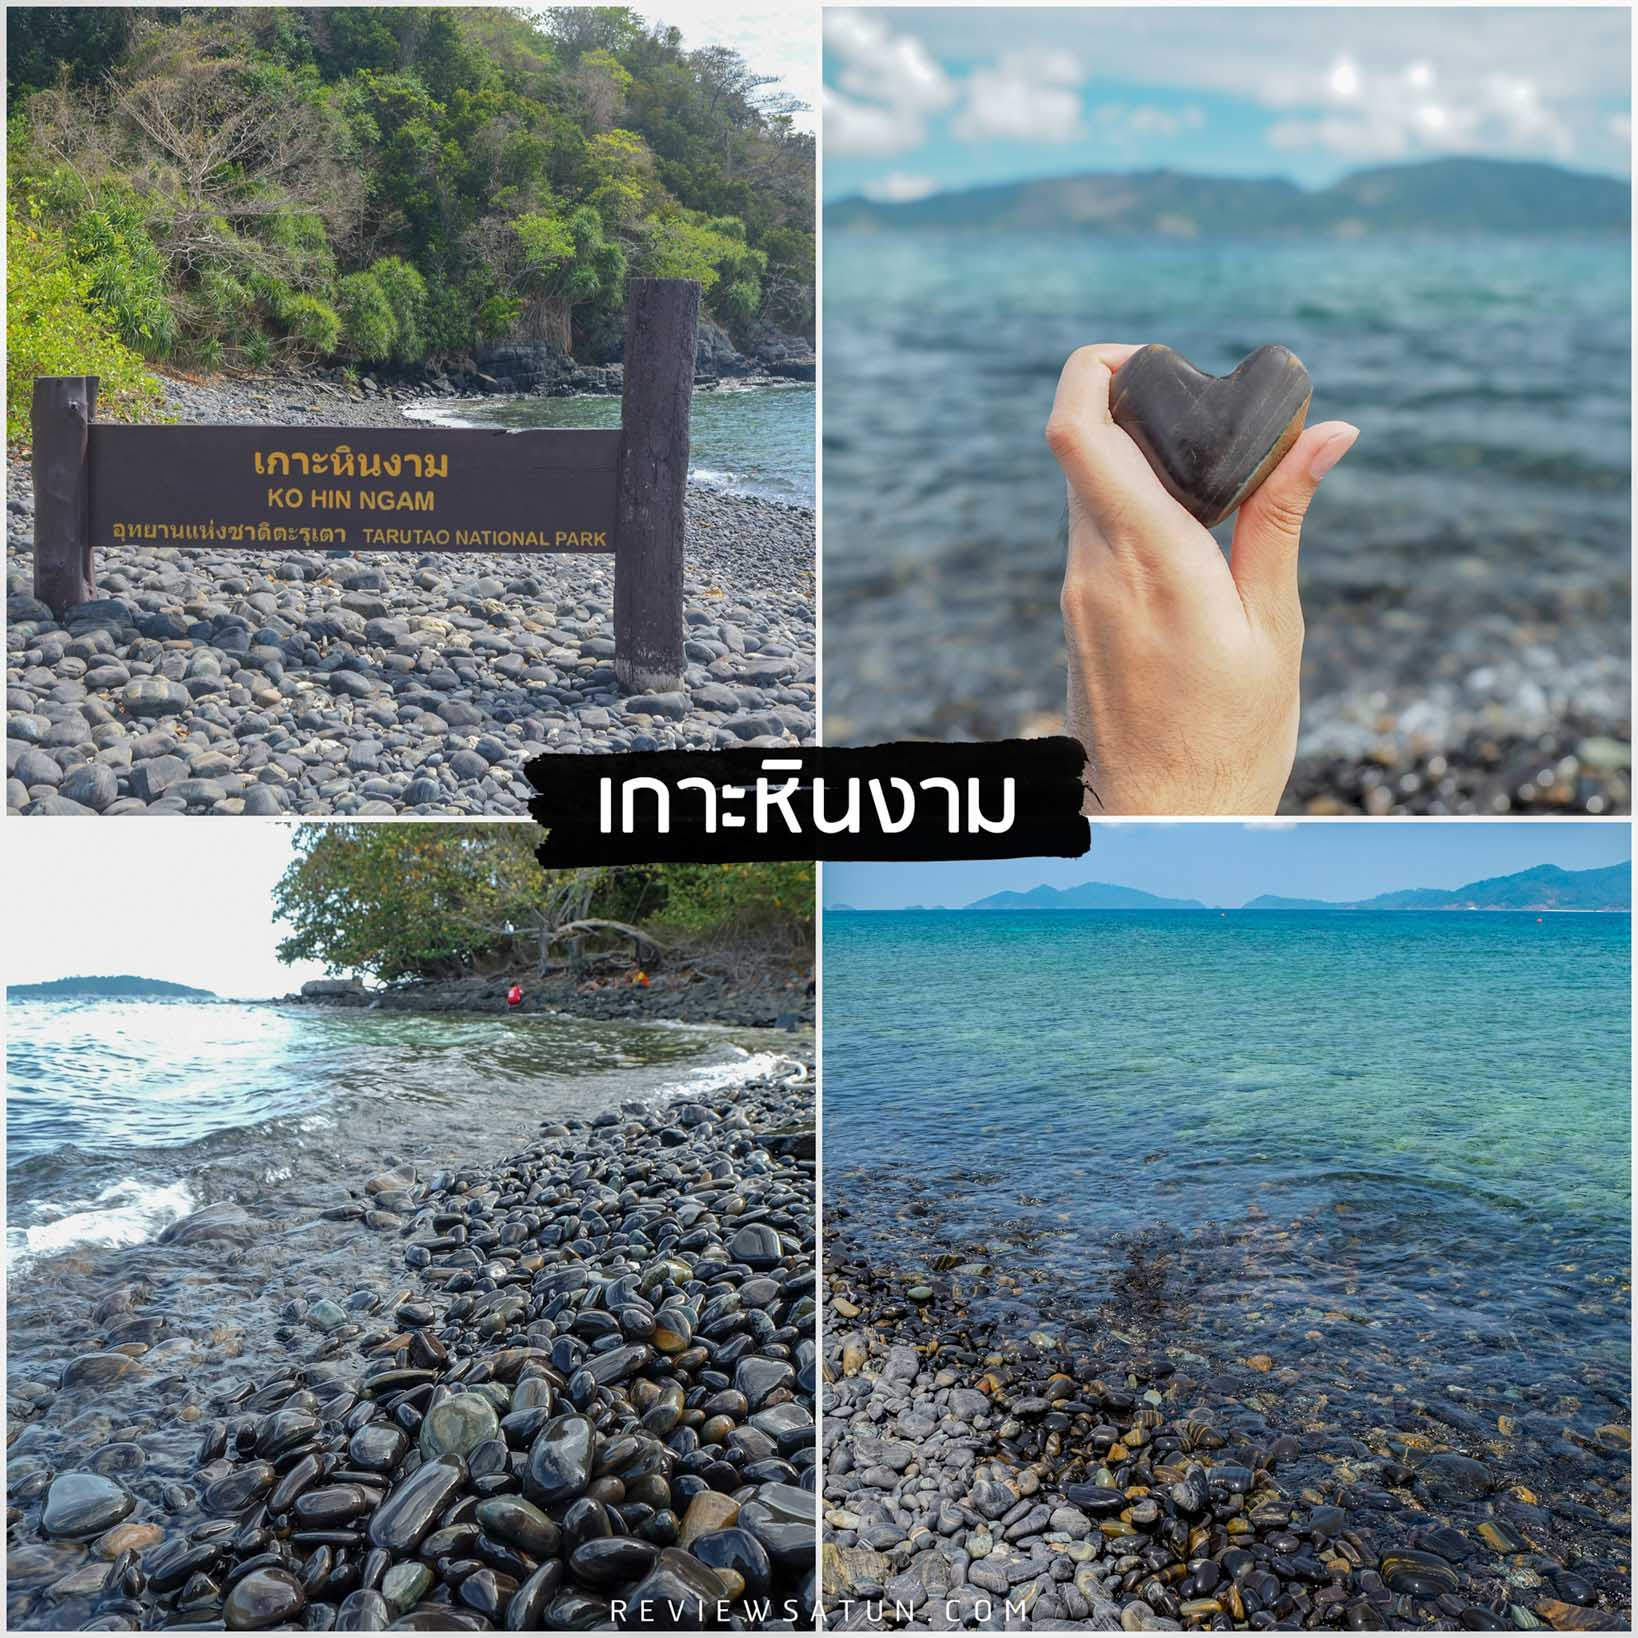 เกาะหินงาม เกาะพิเศษที่ไม่มีชายหาดเป็นทรายแต่กับเป็นหินในตัวเกาะก็มีป่าที่อุดมสมบูรณ์